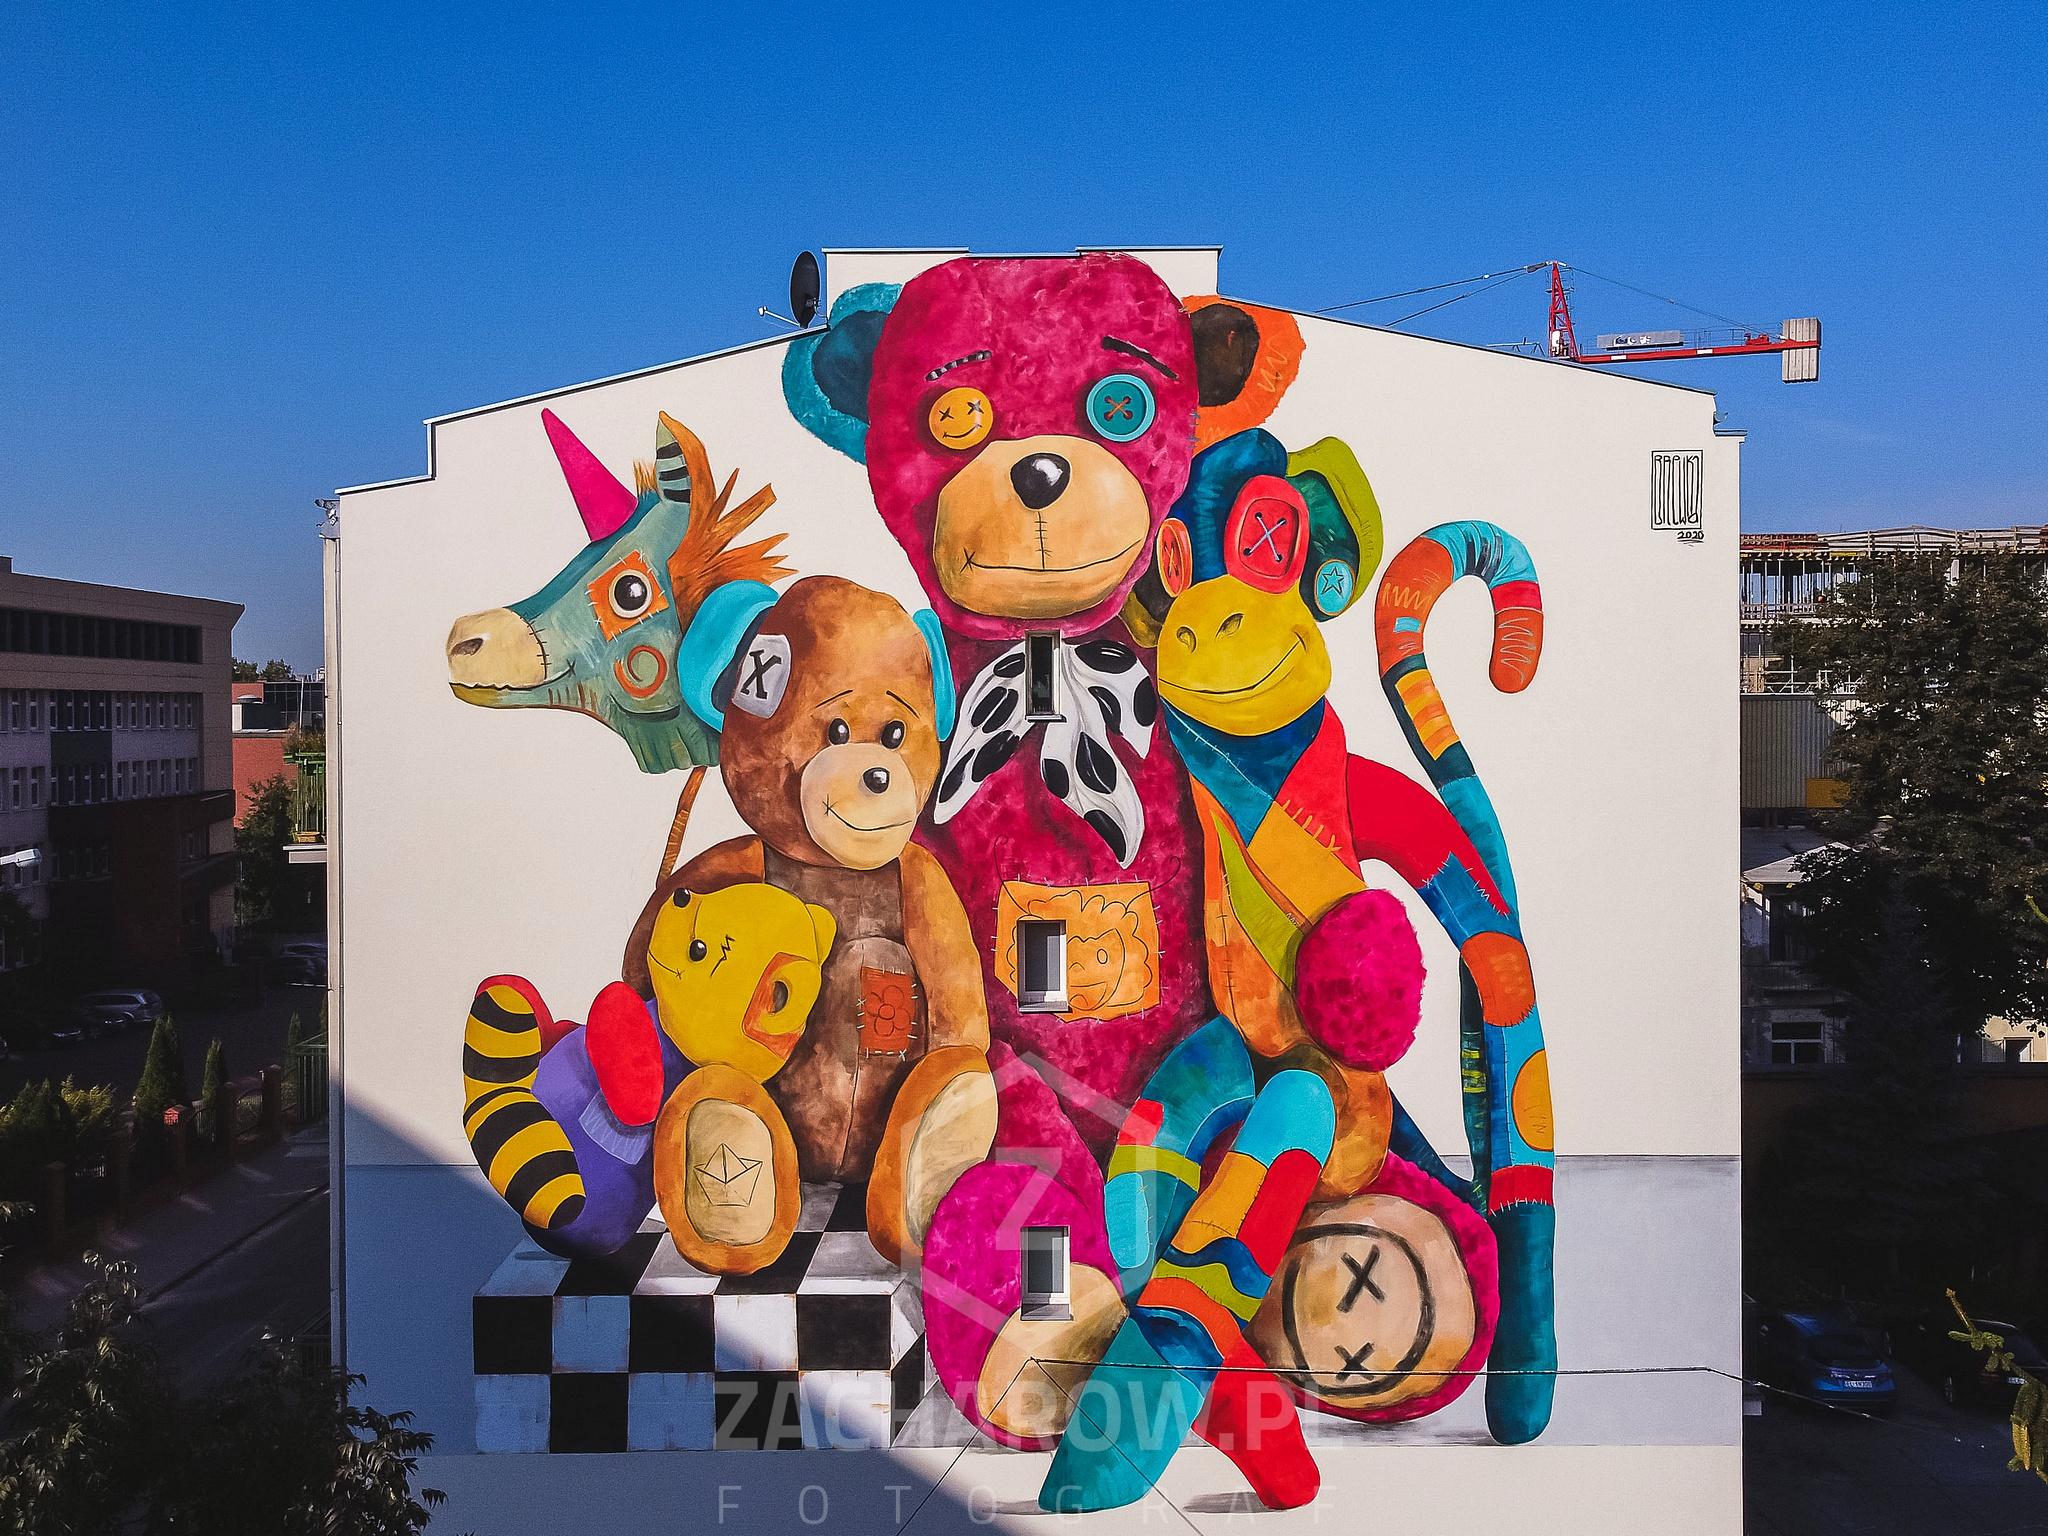 brewka-mural-dla-mai-zacharow-zdjęcie-łódź